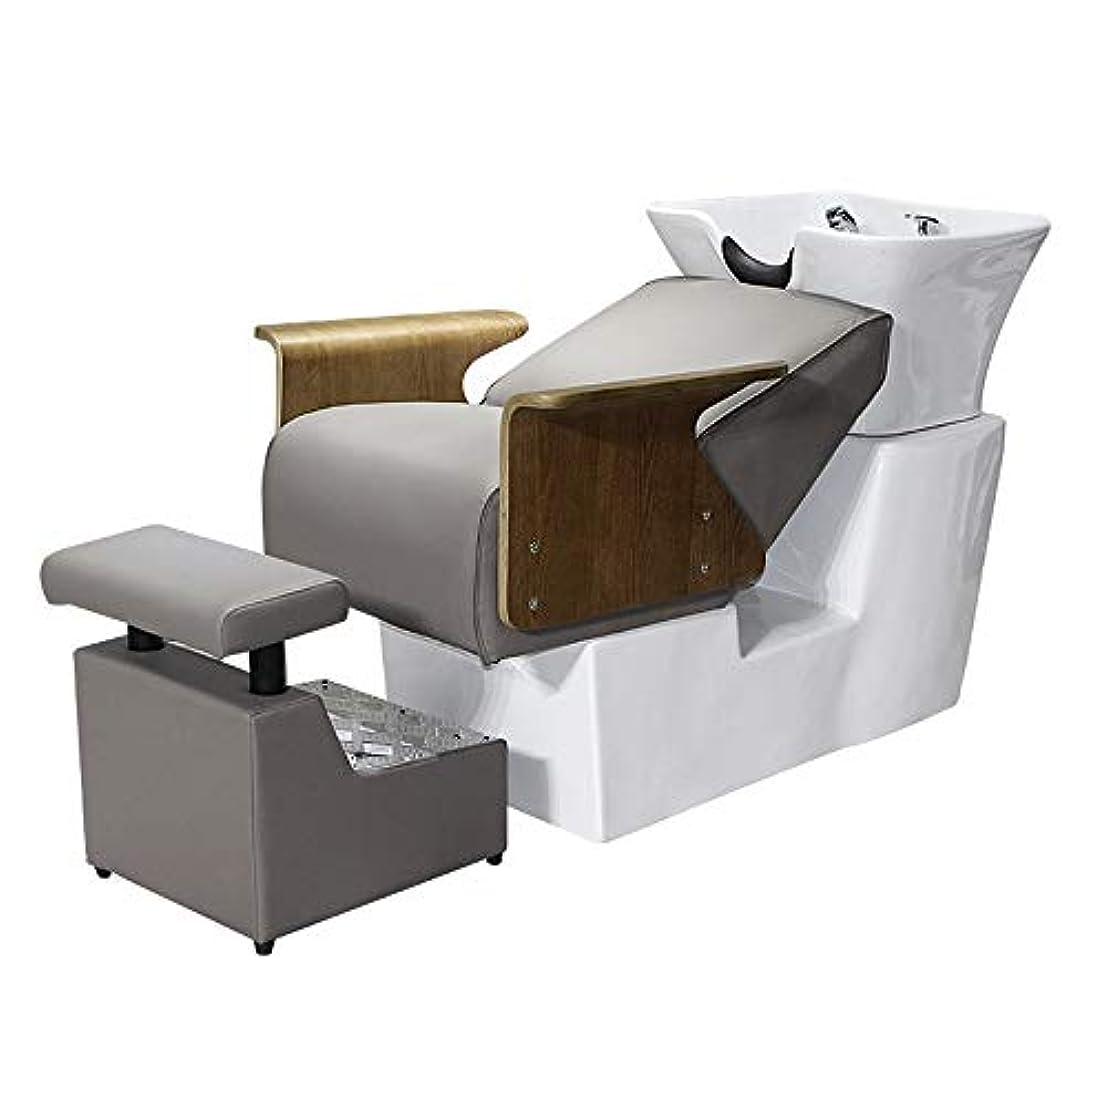 じゃがいもメンダシティにんじんシャンプーの椅子、陶磁器の洗面器のシャンプーのベッドの逆洗の単位の鉱泉の美容院装置のためのシャンプーボールの理髪の流しの椅子